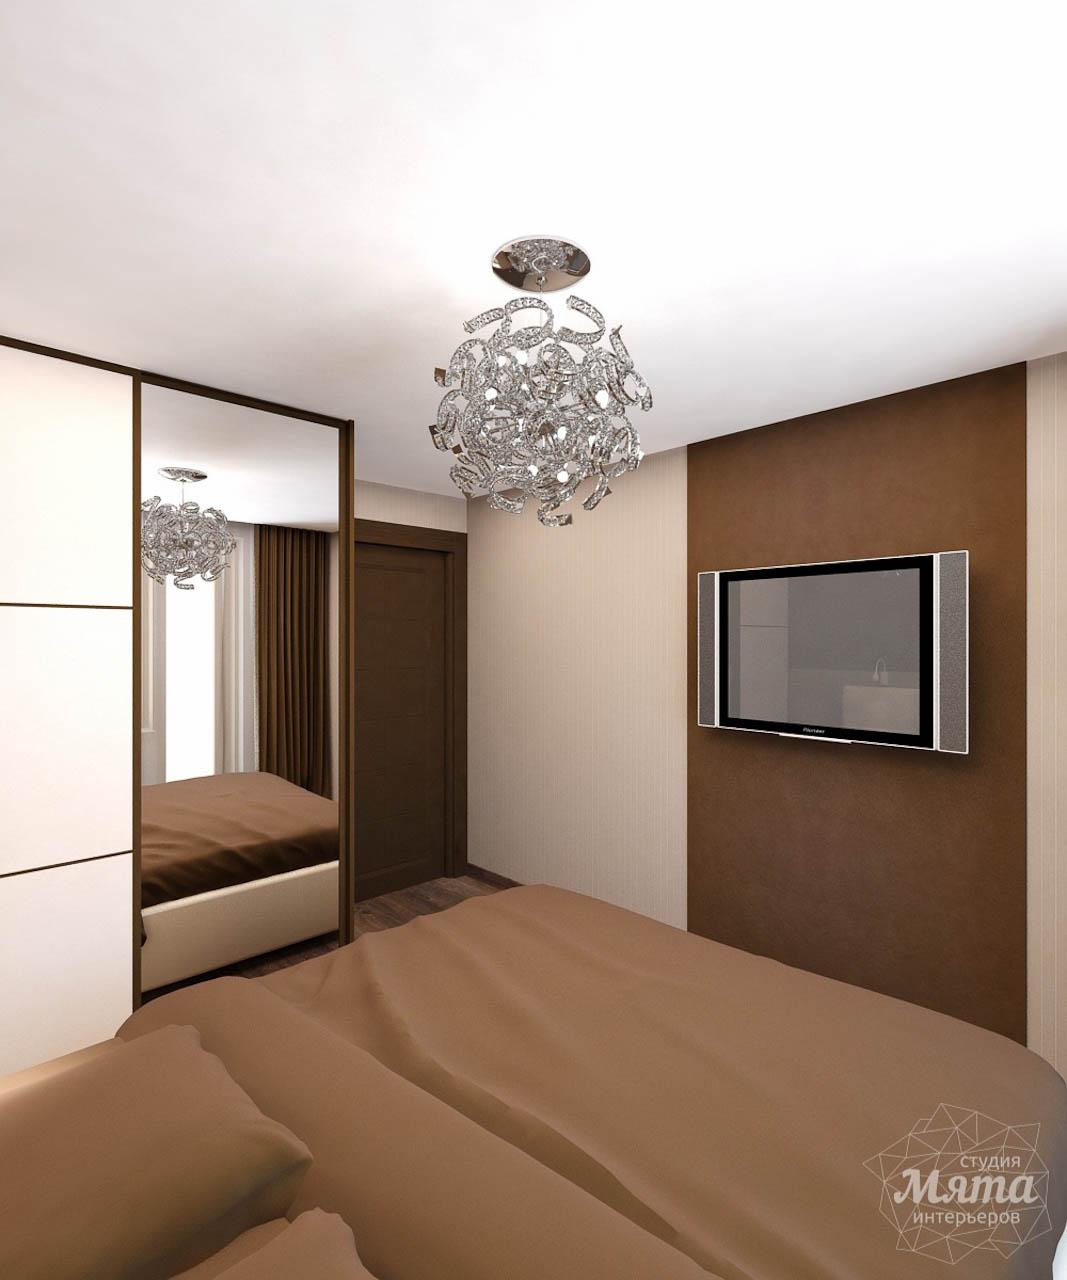 Дизайн интерьера двухкомнатной квартиры по ул. Бебеля 156 img2018867602